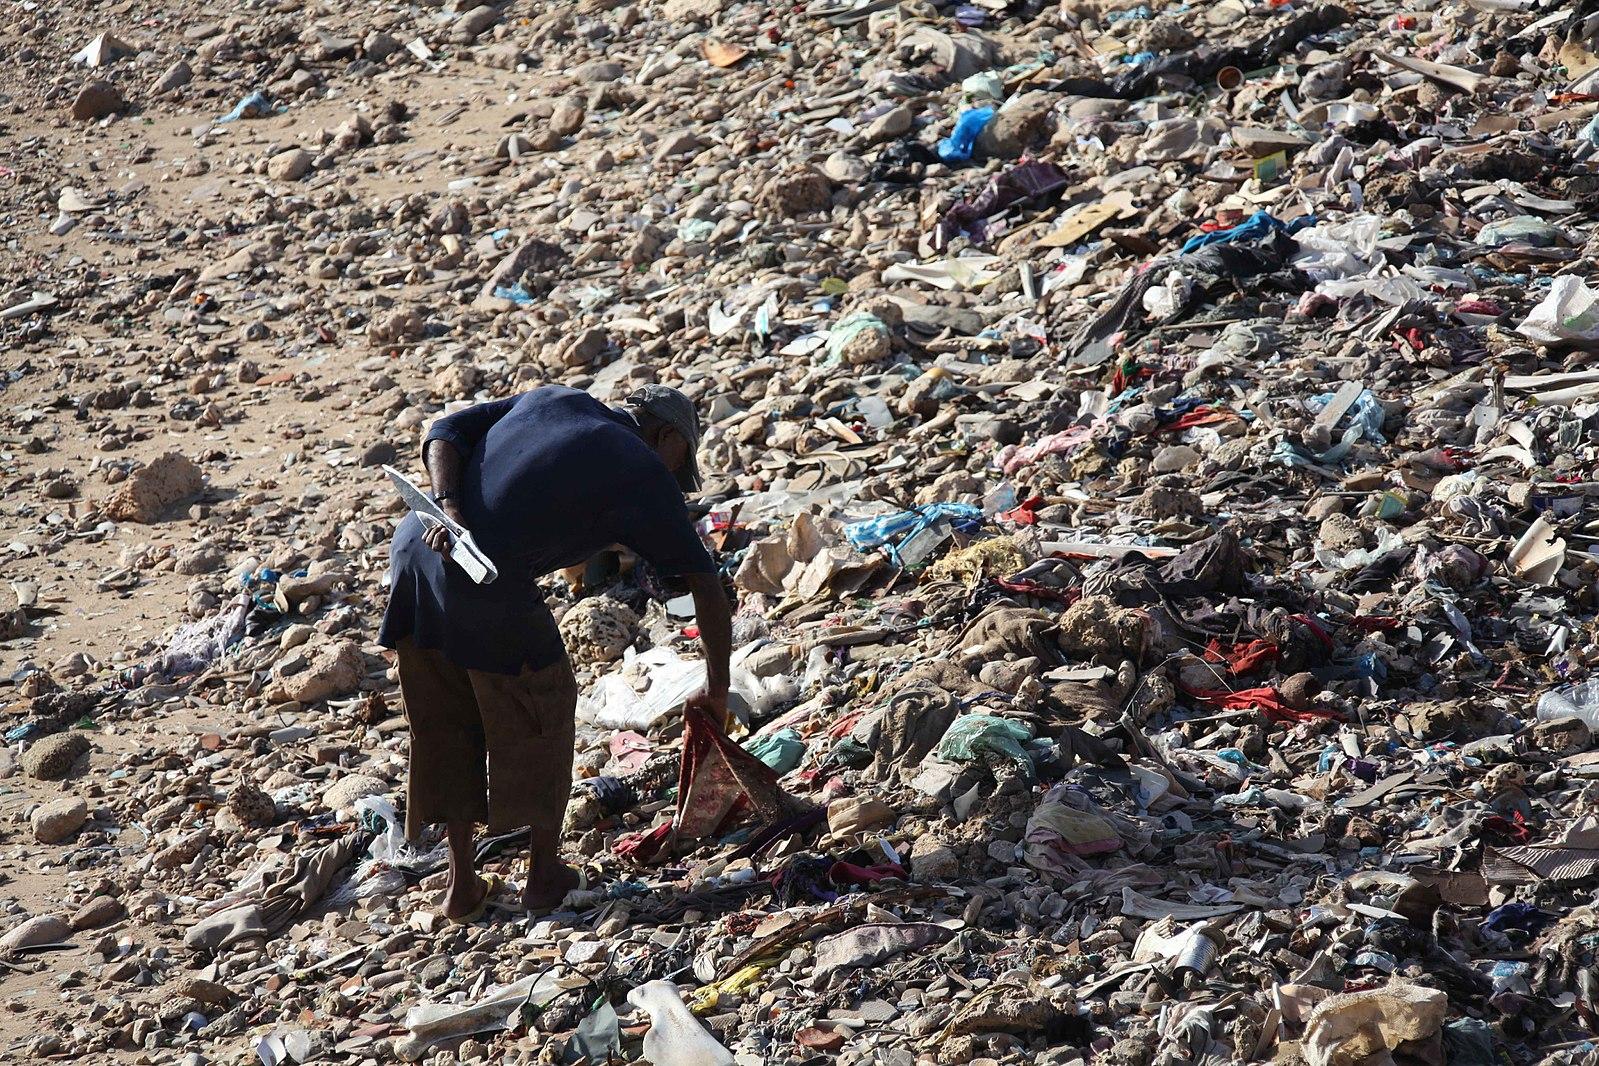 Le trafic de déchets toxiques en Somalie : sur les traces d'une catastrophe humaine et environnementale silencieuse (II)